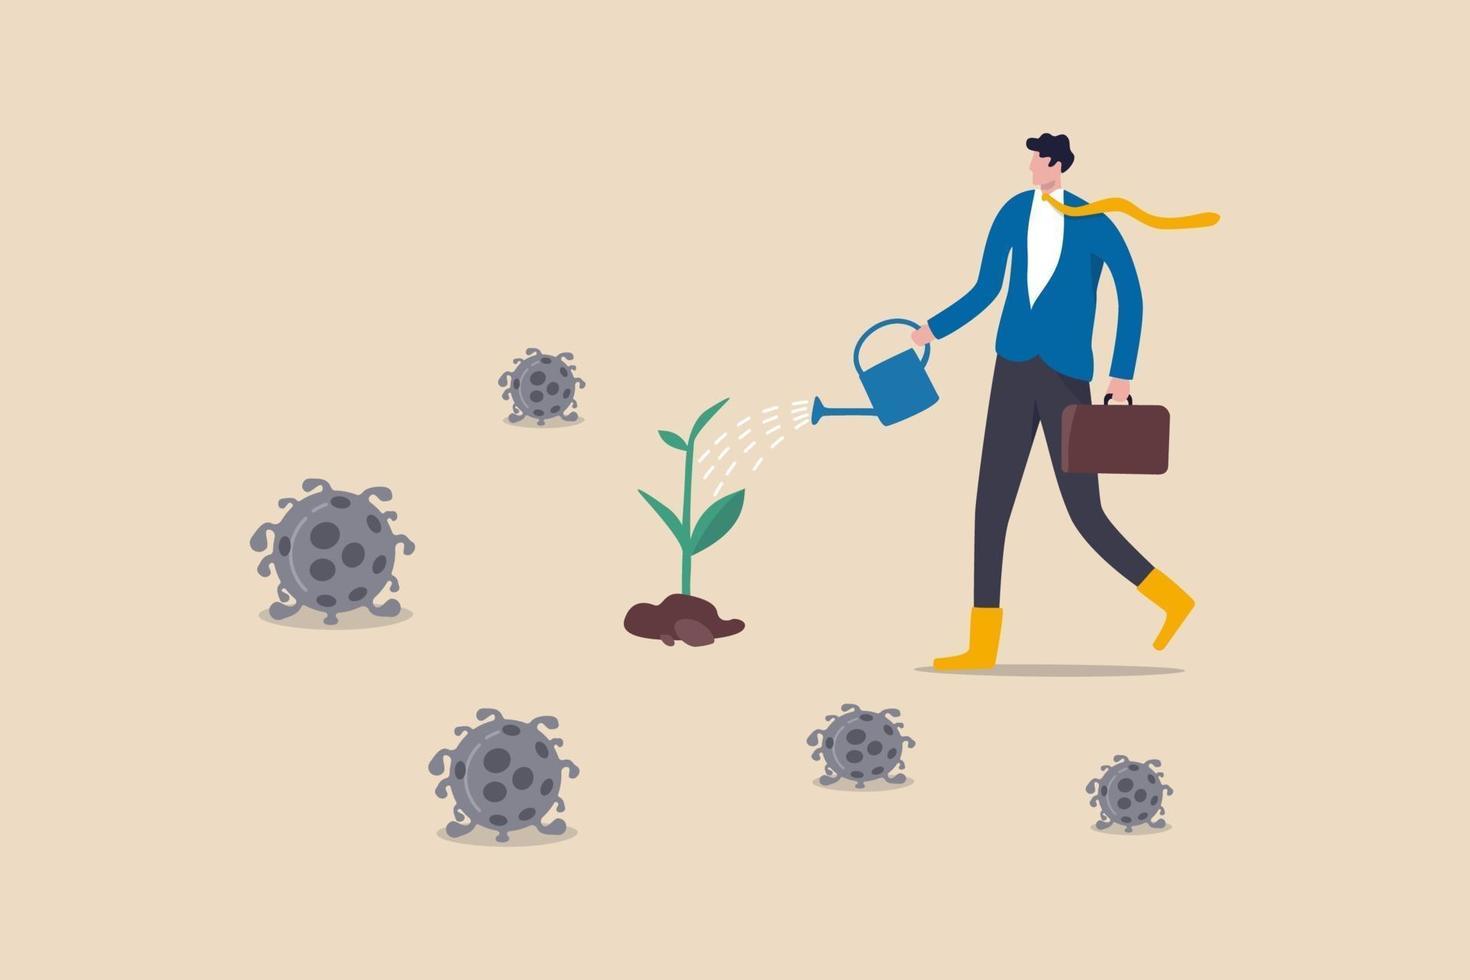 ekonomisk återställning efter koronavirus covid-19 kris, postpandemi era regeringens politik för att hjälpa företag återhämta koncept, affärsman vattna plantor med dödsvirus patogen. vektor